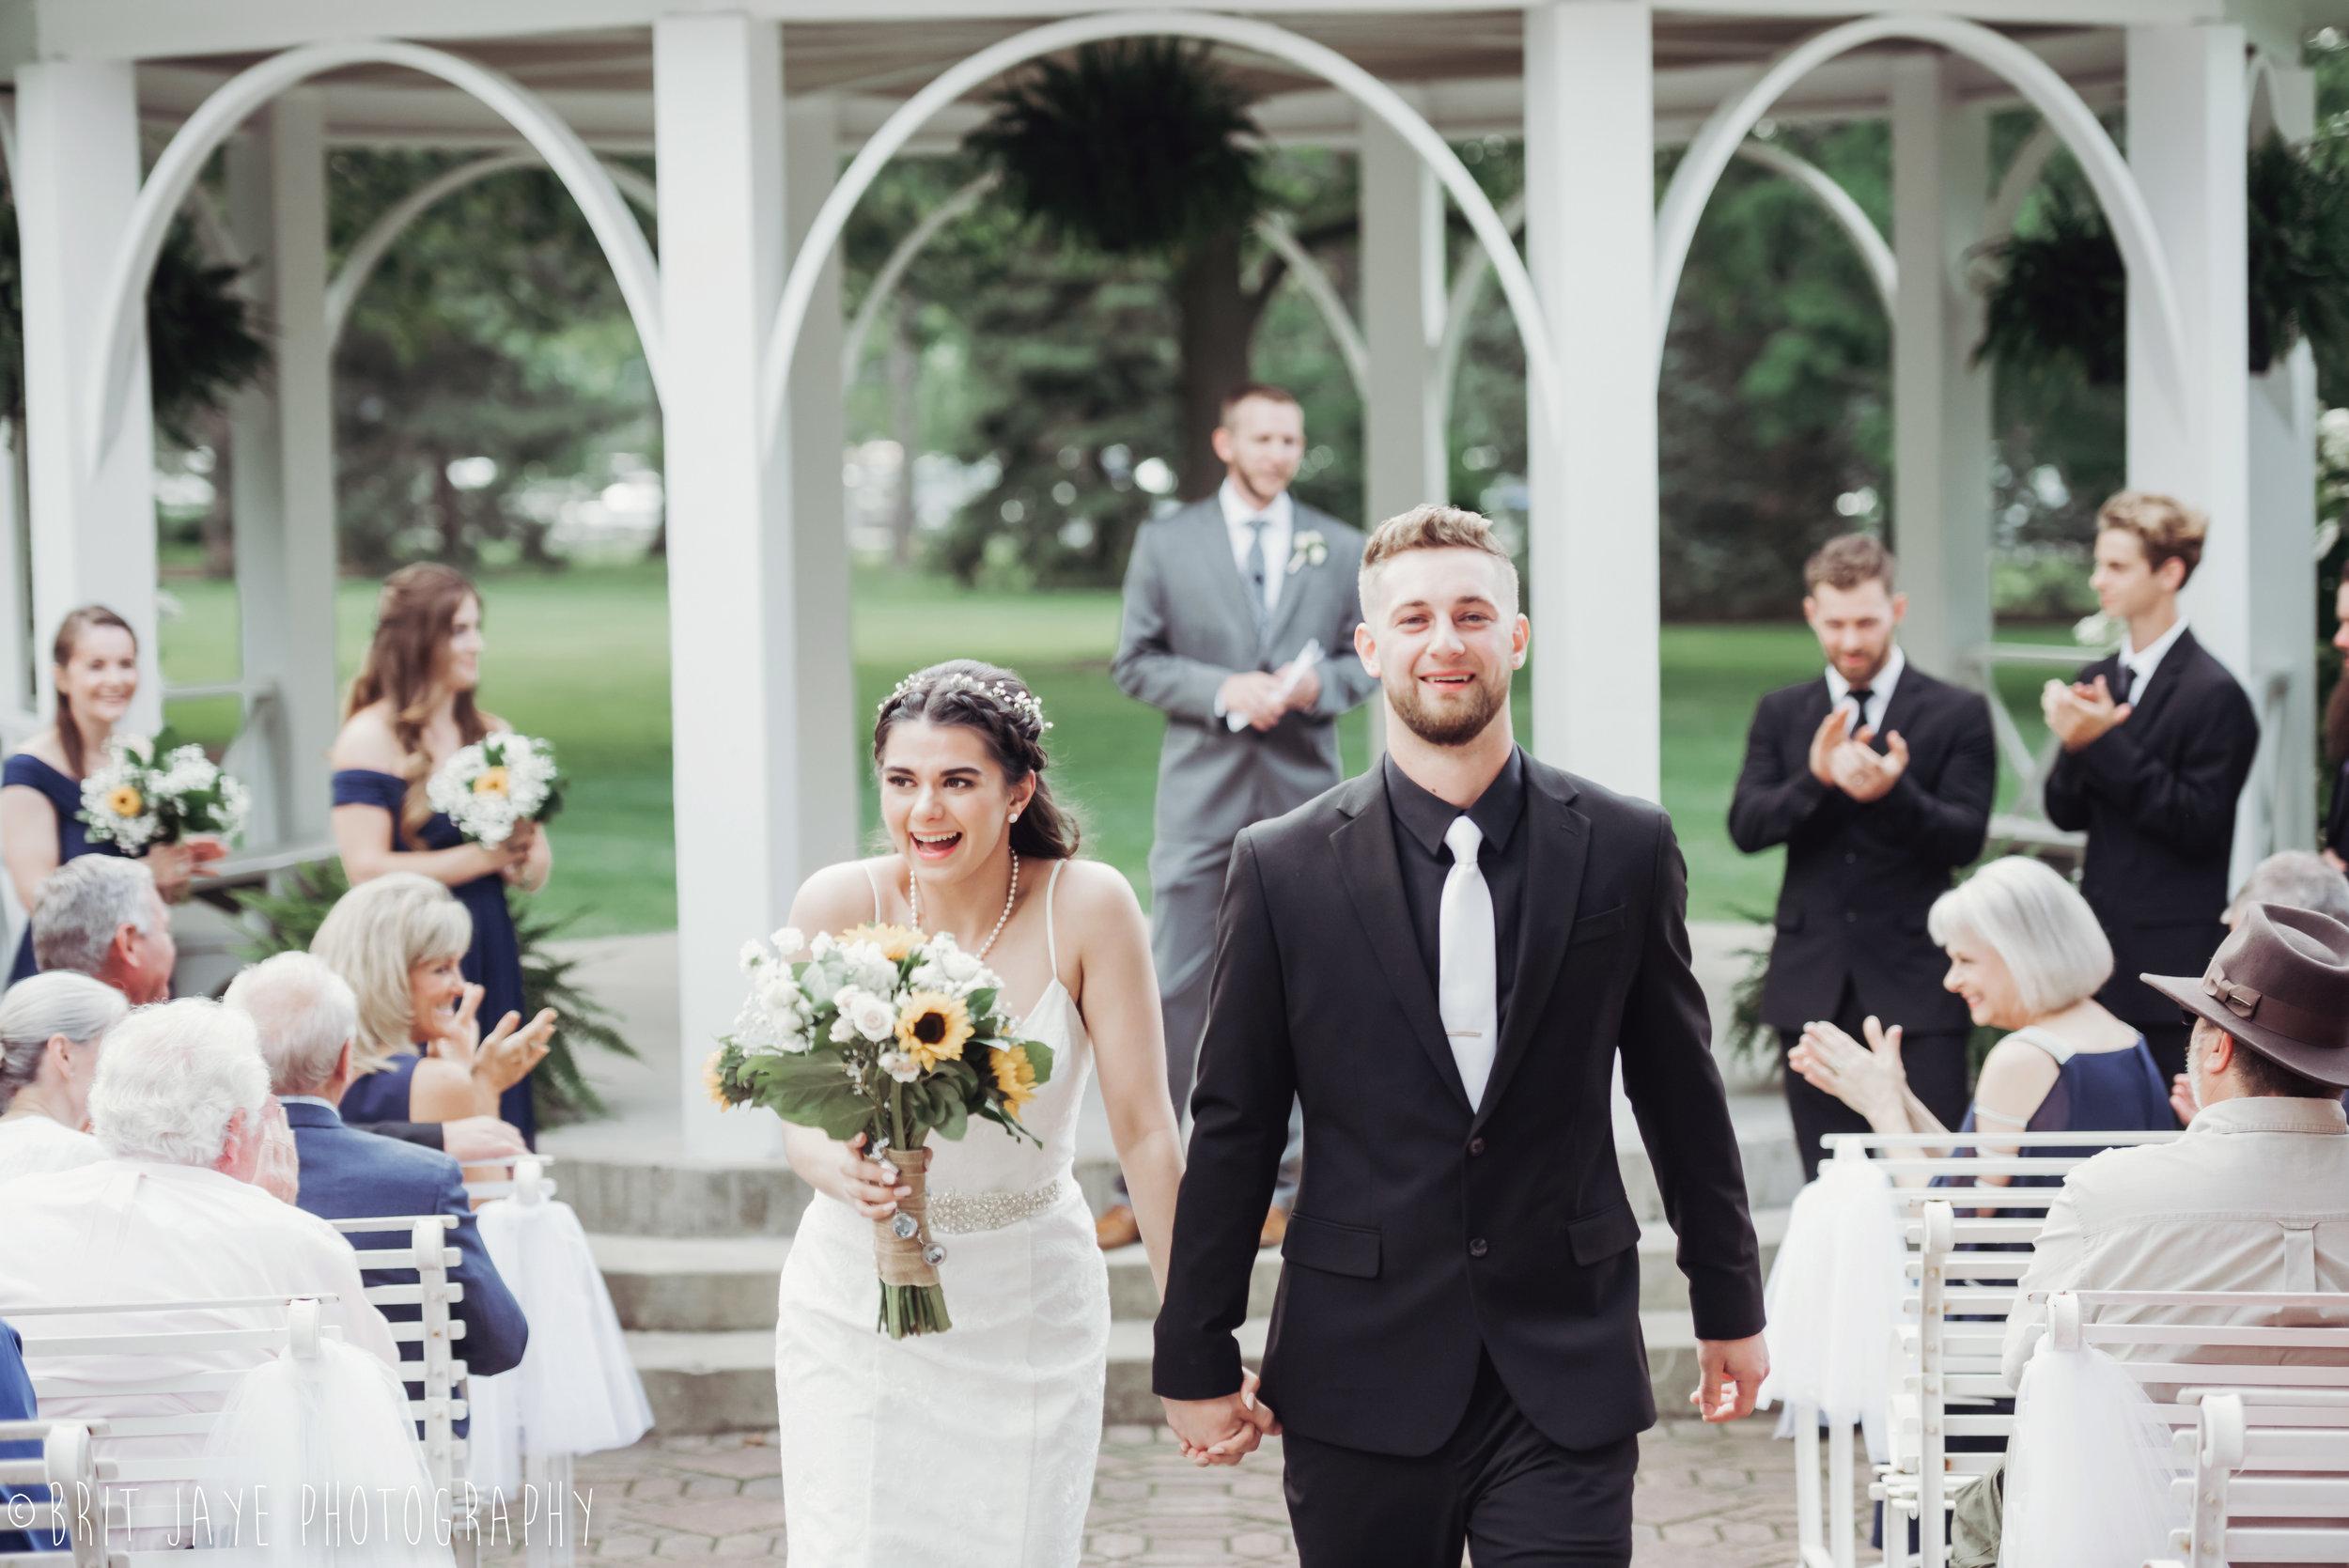 Polen_Farm_Summer_Wedding_Dayton_Ohio-1-6.jpg